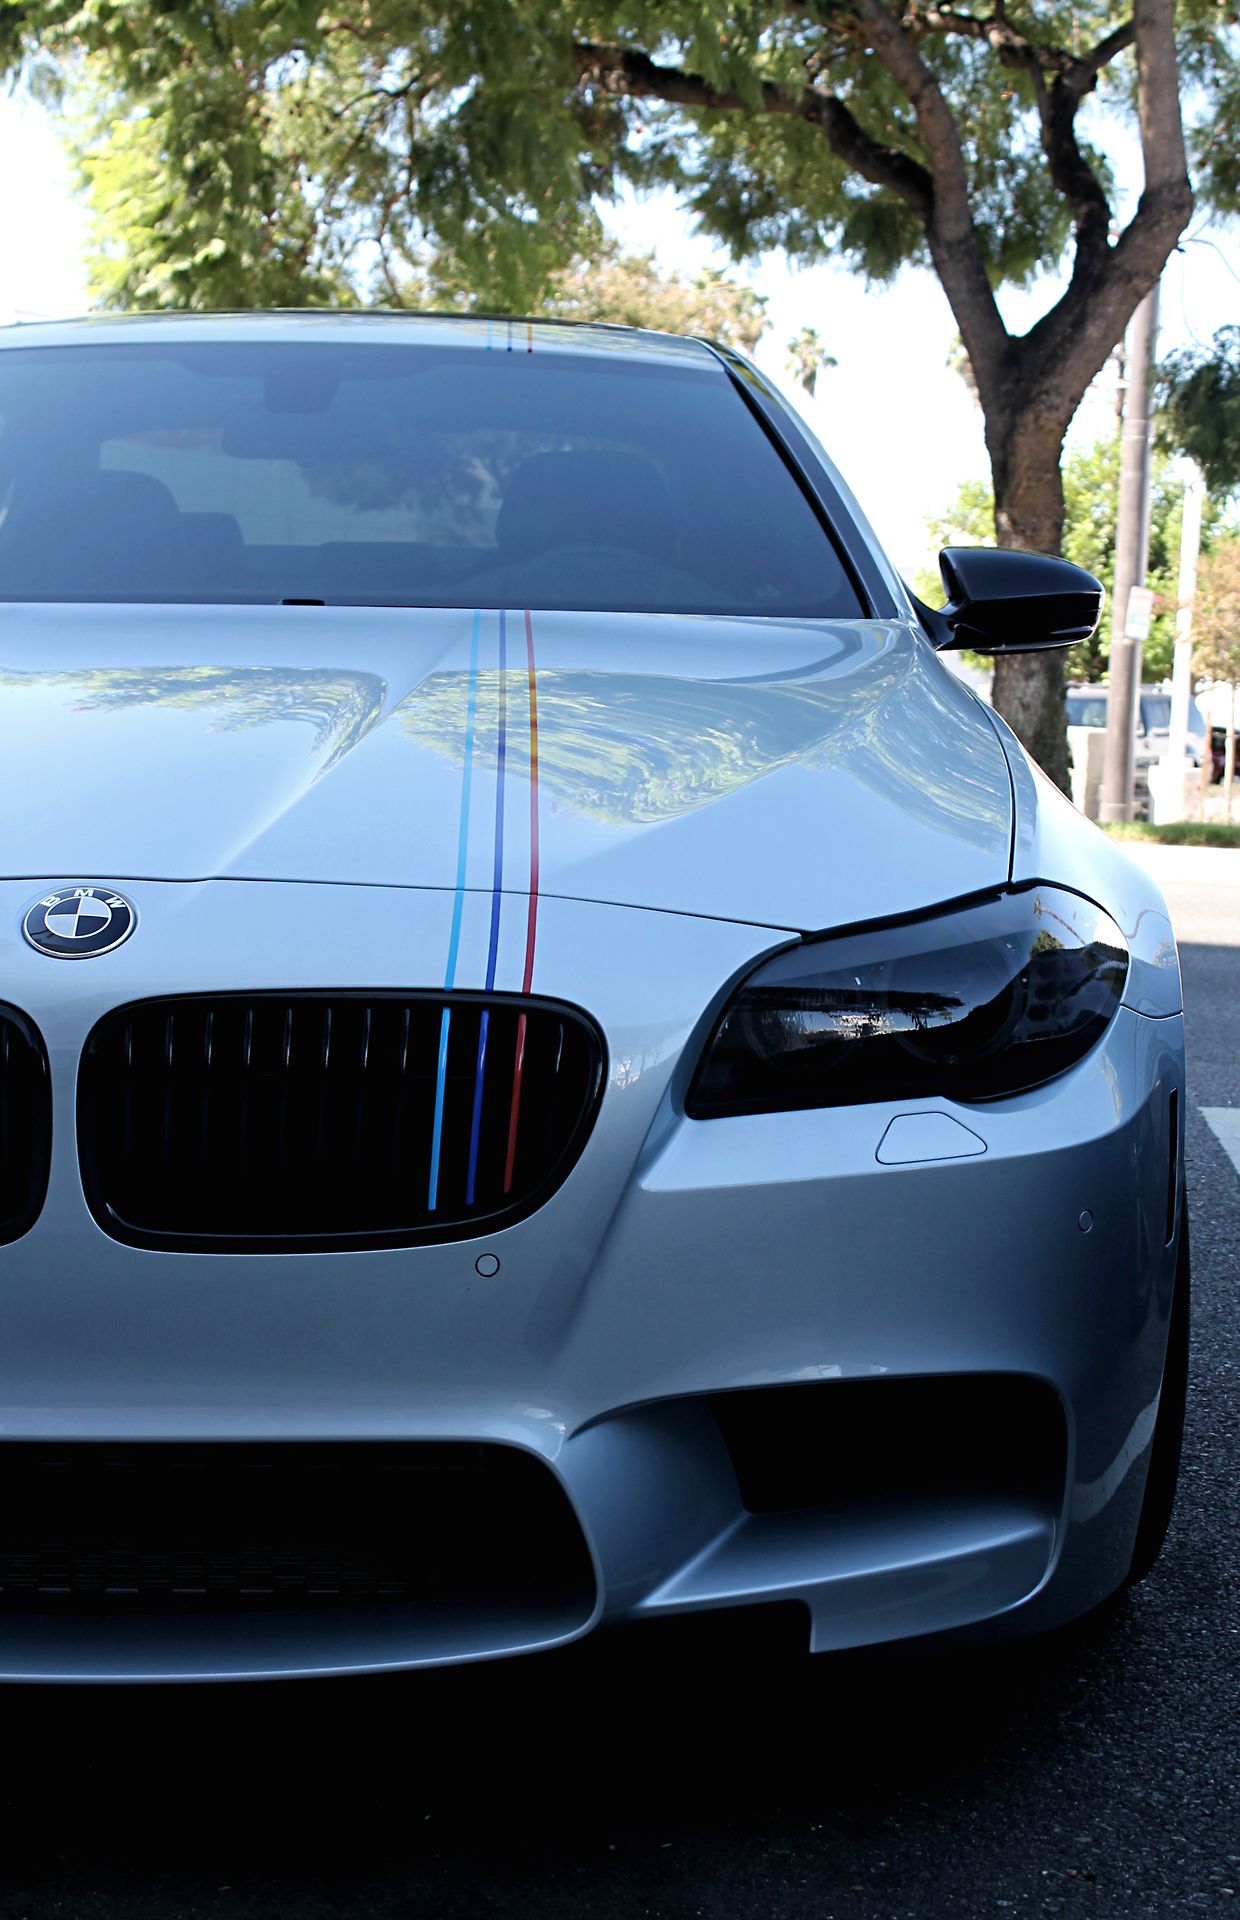 Discover Auto Loan >> BMW M5 Get your BMW paid for by http://tomandrichiehandy.bodybyvi.com/ | Bmw, Bmw m5, Bmw car